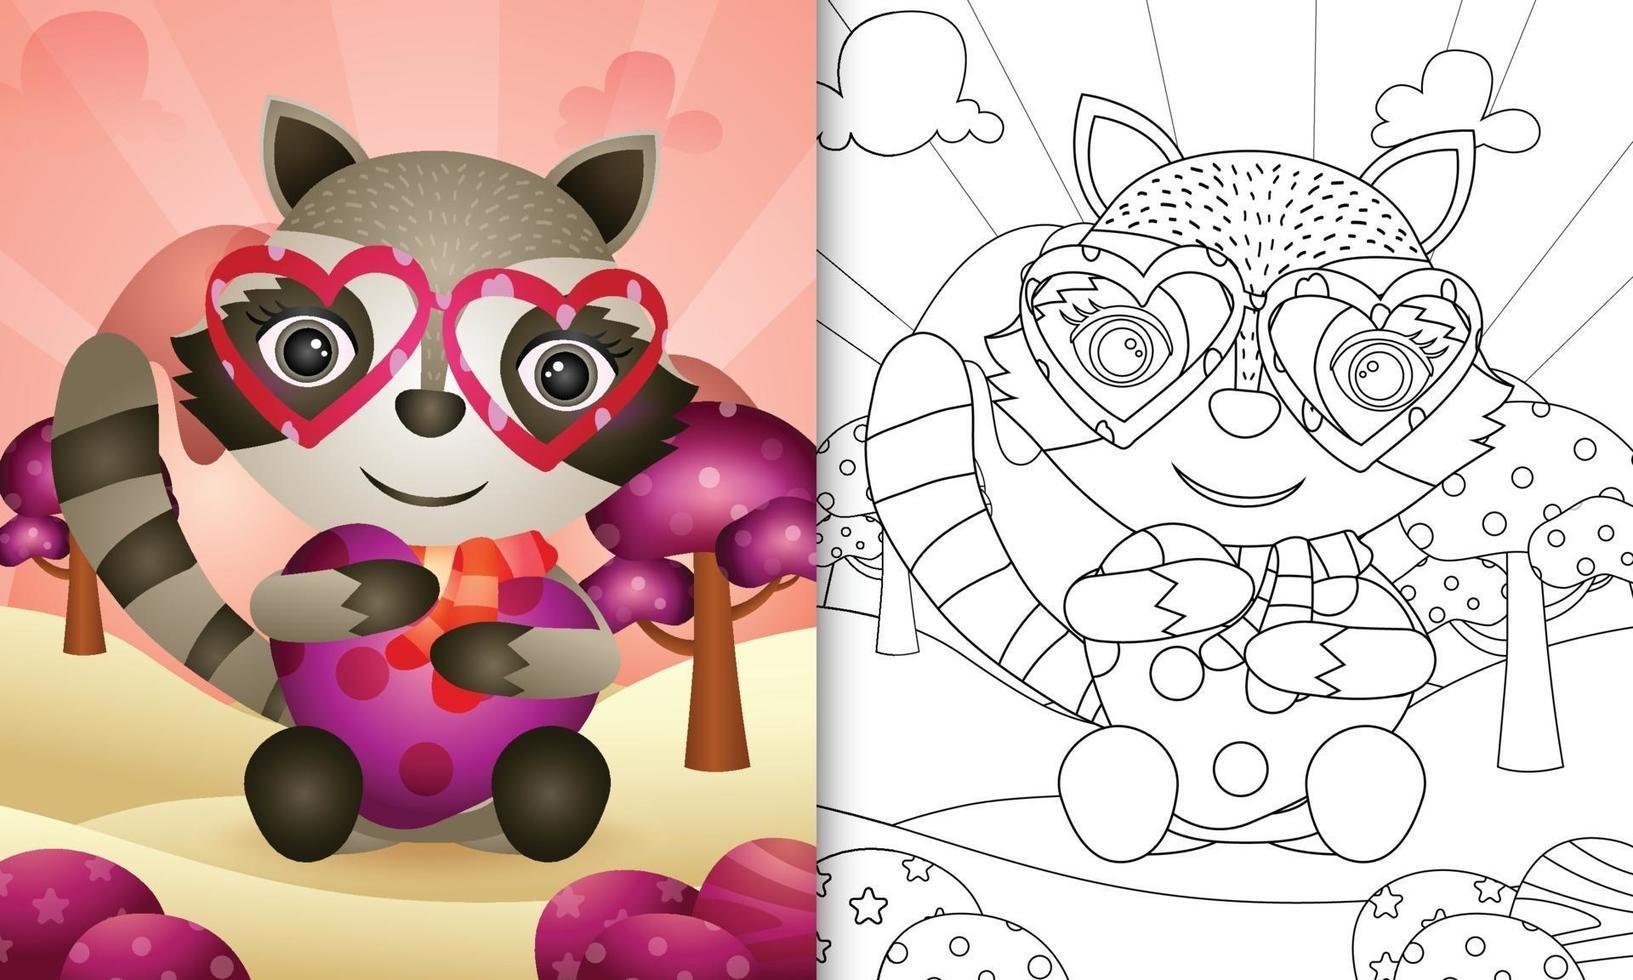 libro da colorare per bambini con un simpatico procione che abbraccia il cuore per San Valentino vettore